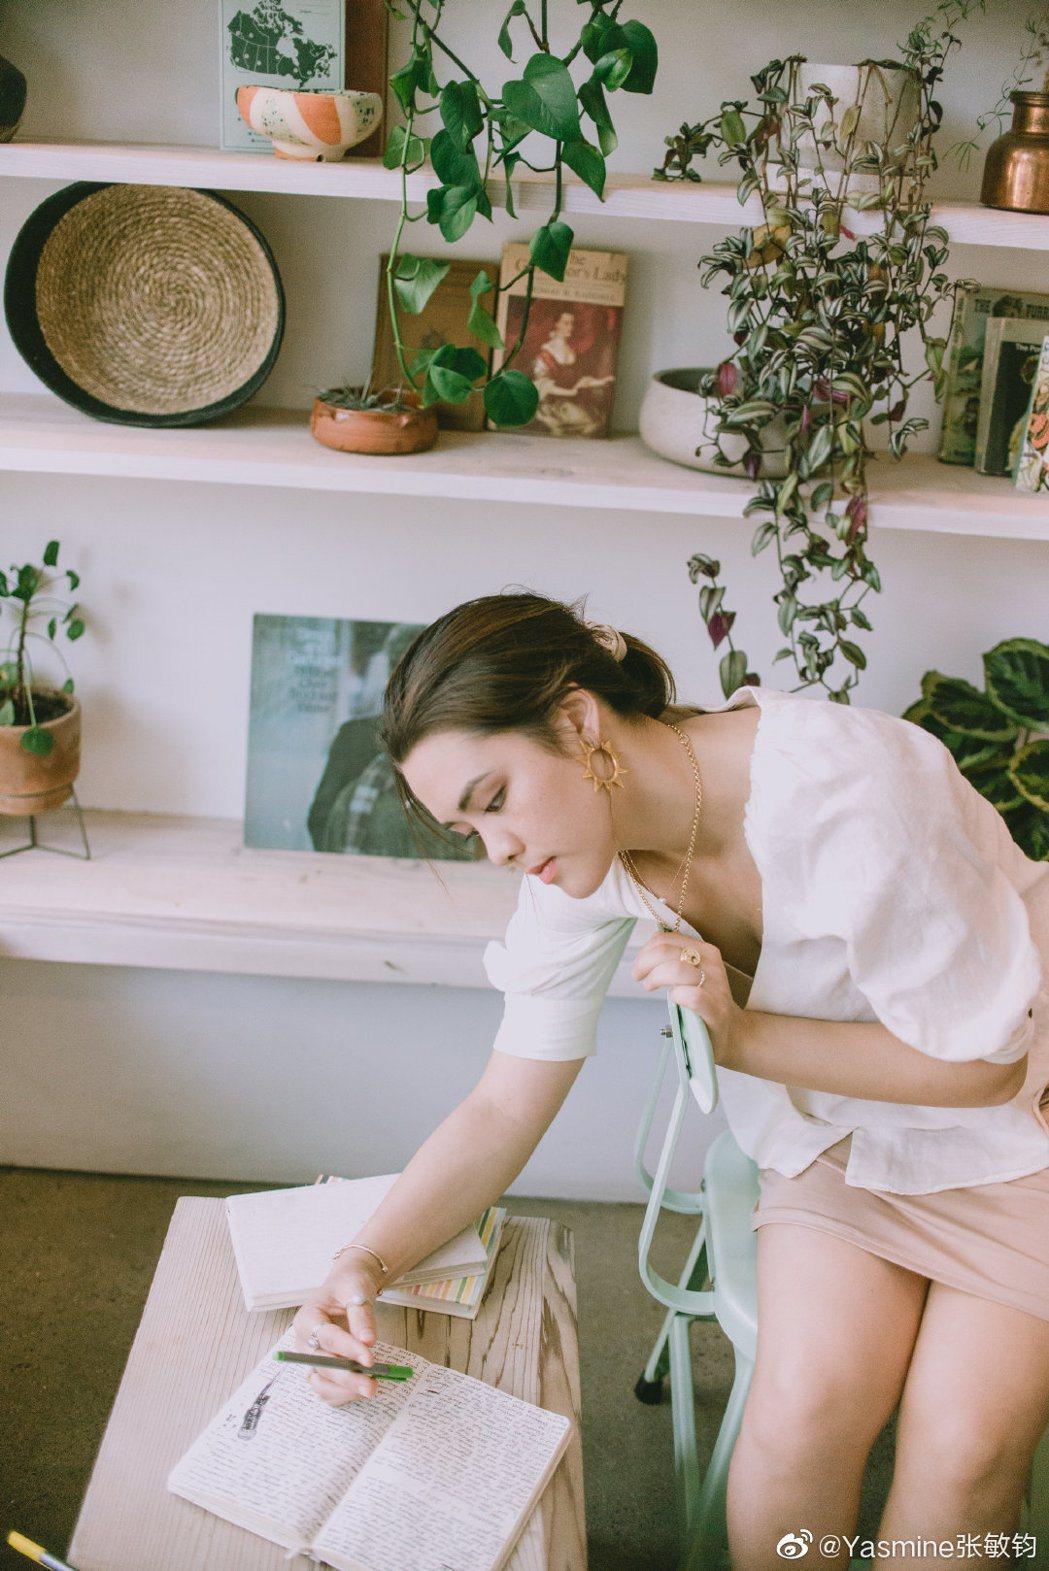 圖/Yasmine张敏钧微博